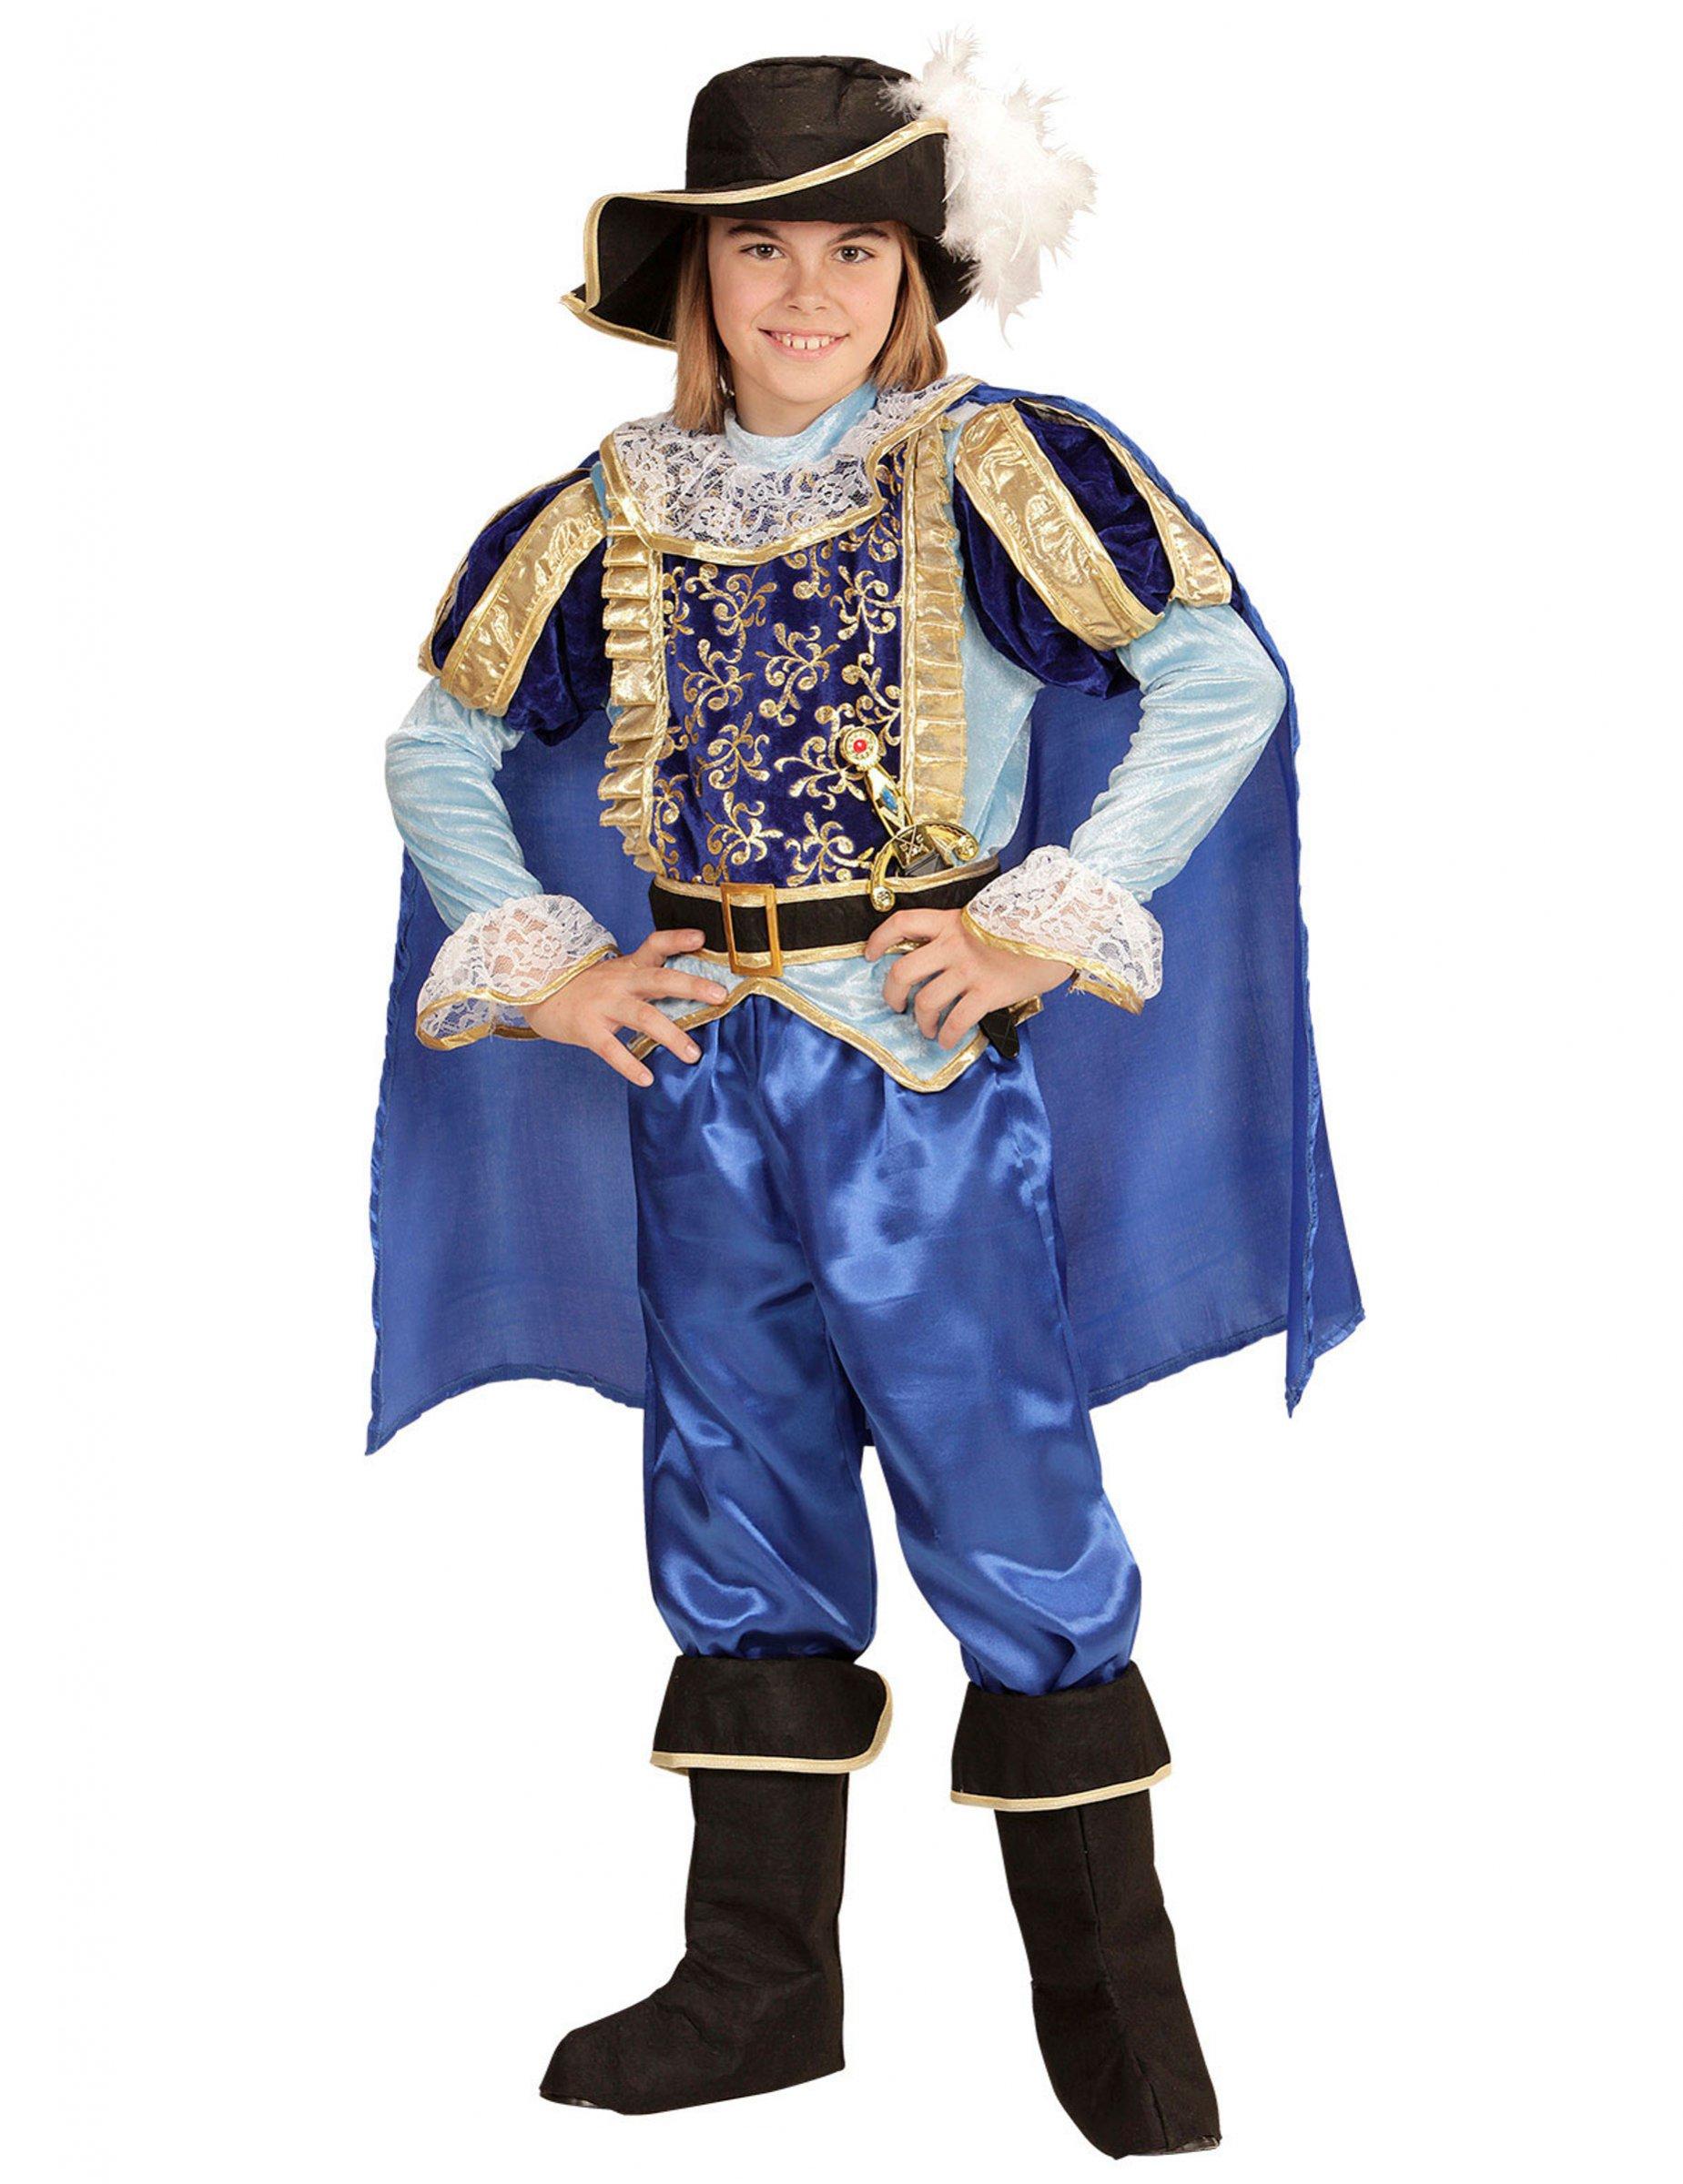 fdab5865a619 Costume da principe affascinante bambino  Costumi bambini